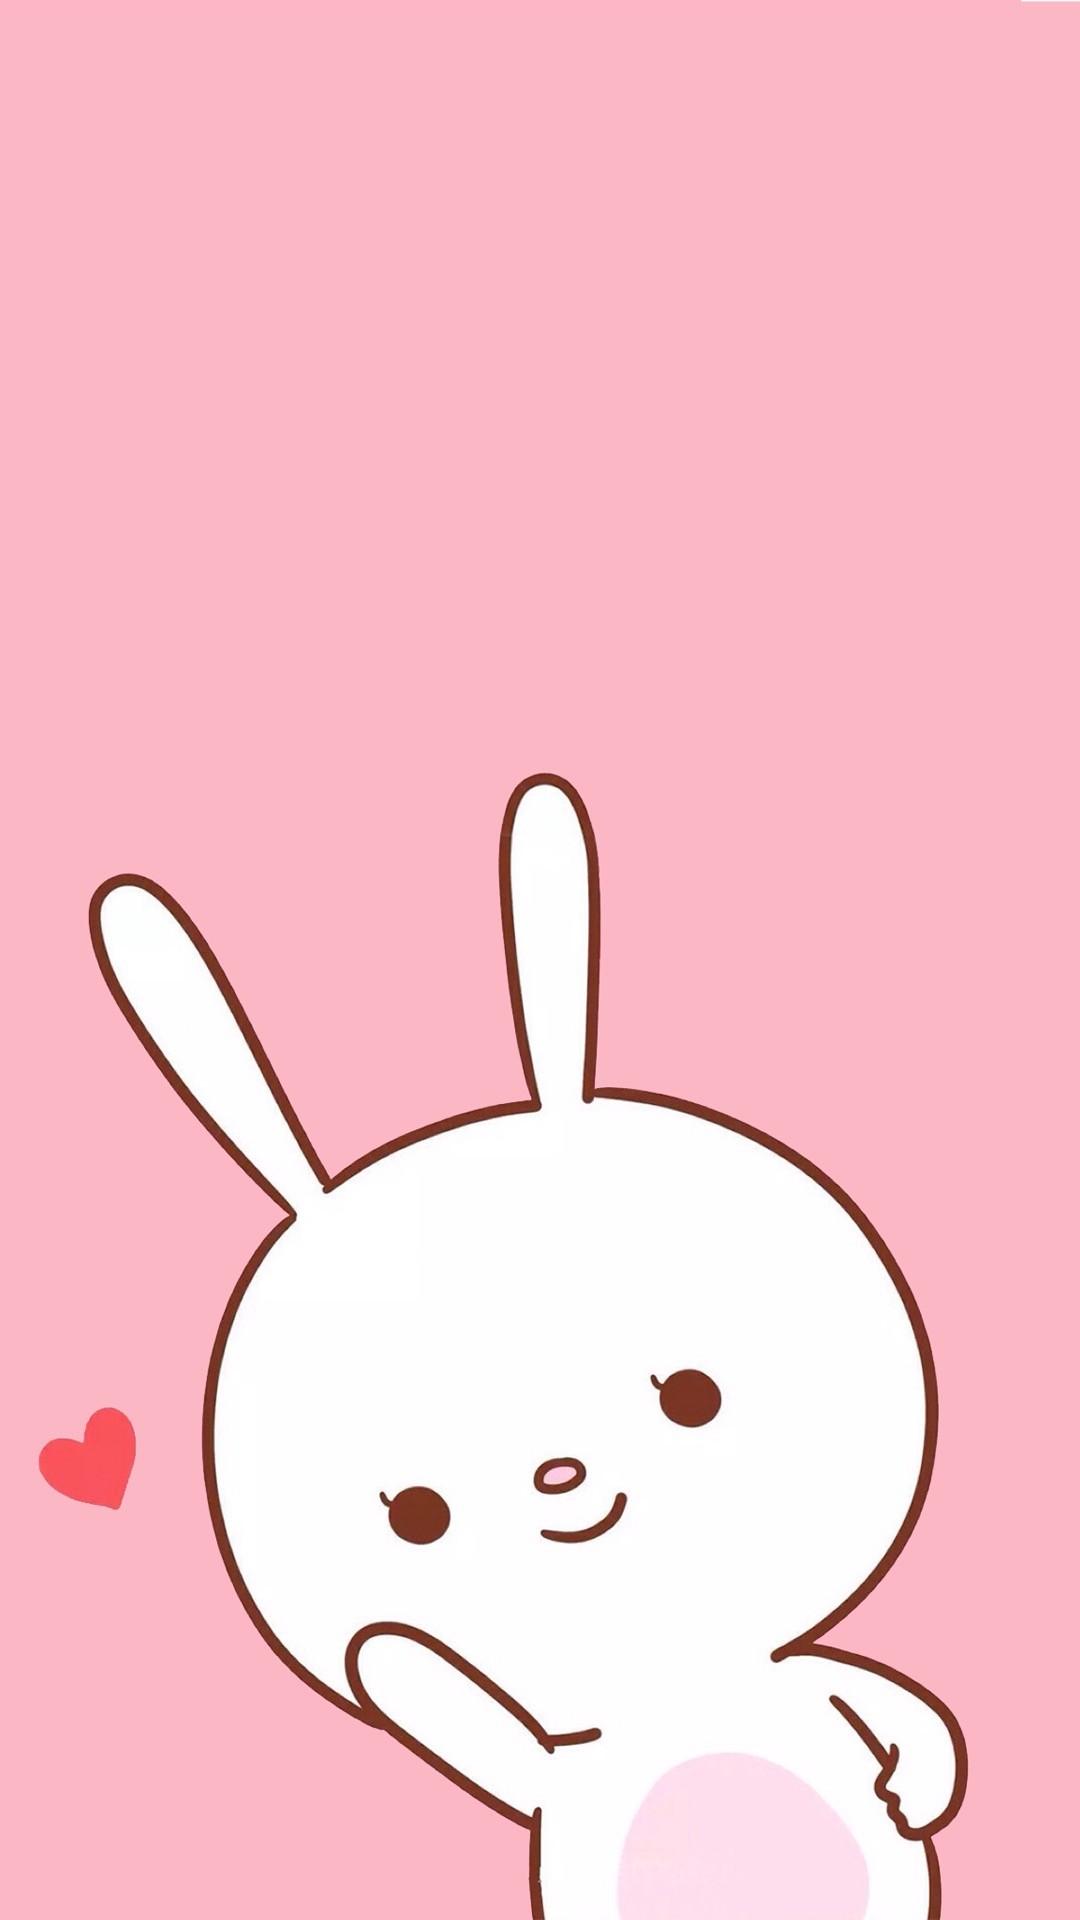 Res: 1080x1920, cute, kawaii, and pink image